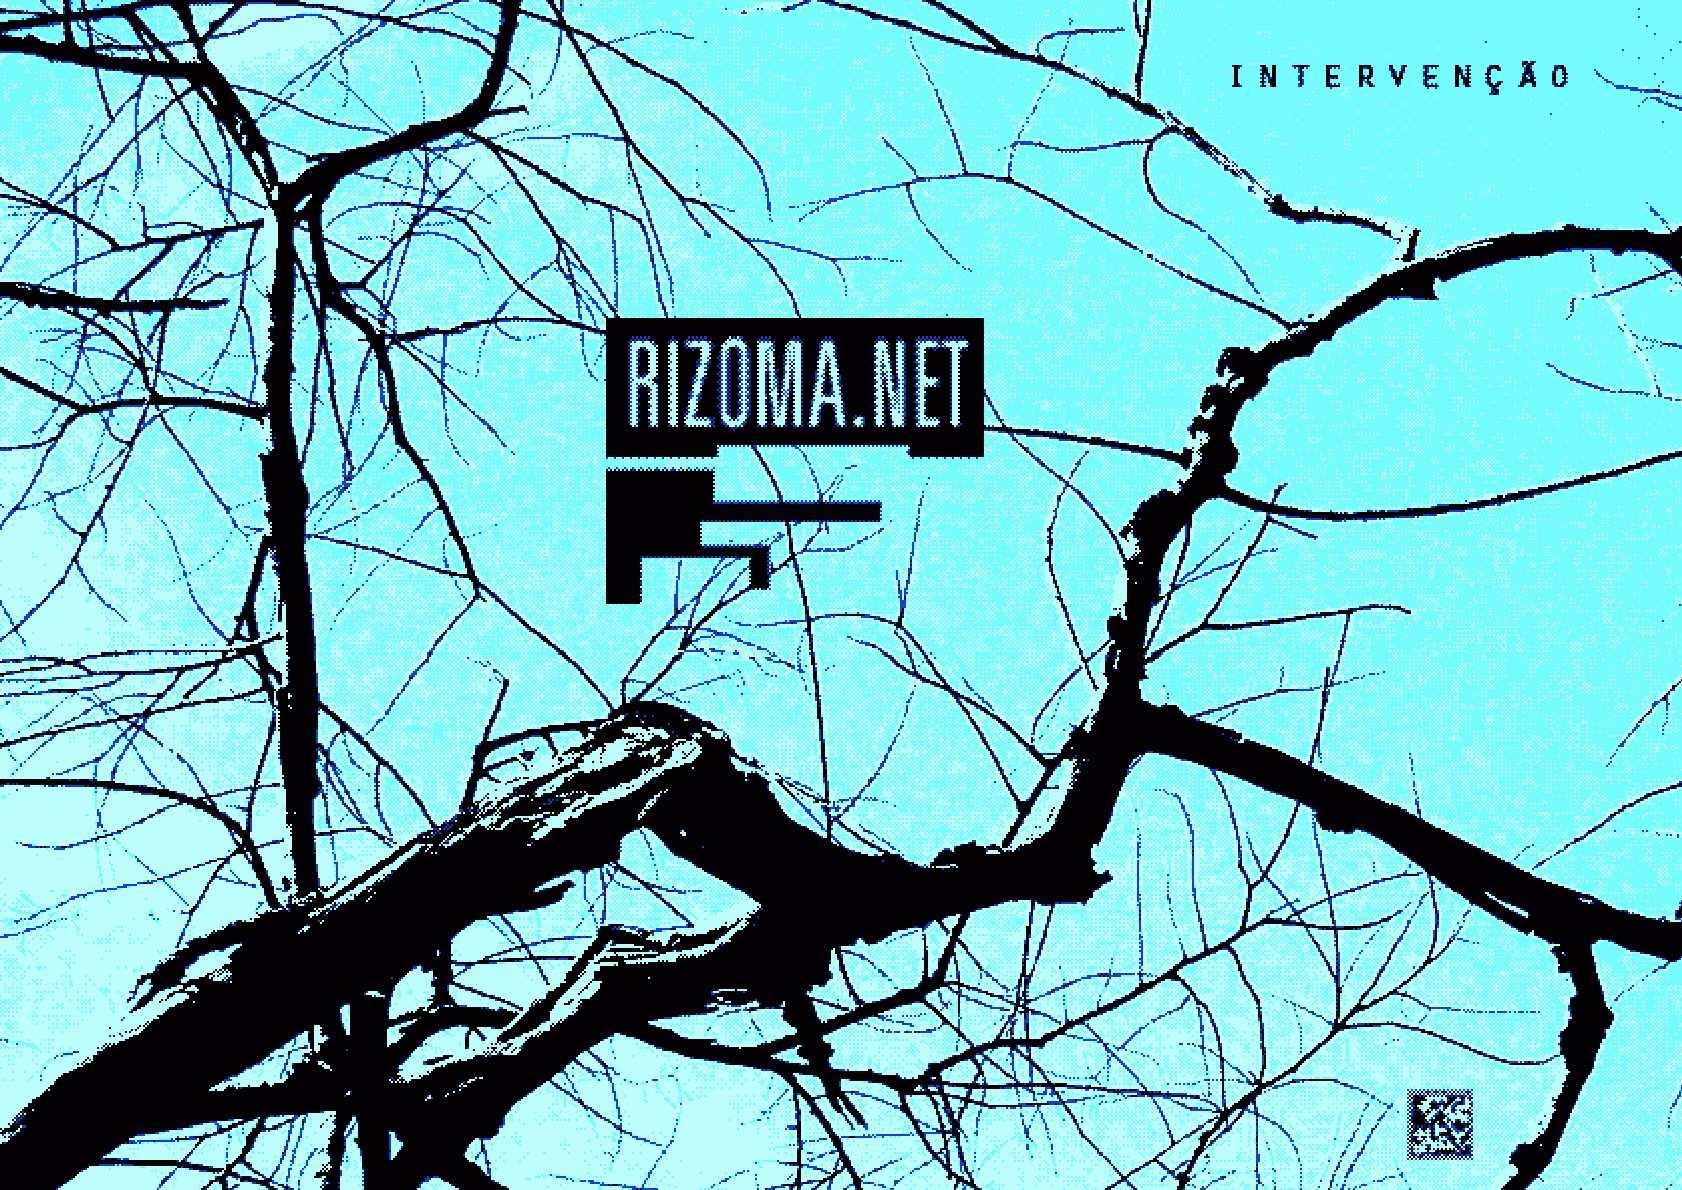 37a60fc99a8 Calaméo - RIZOMA.NET - Intervenção